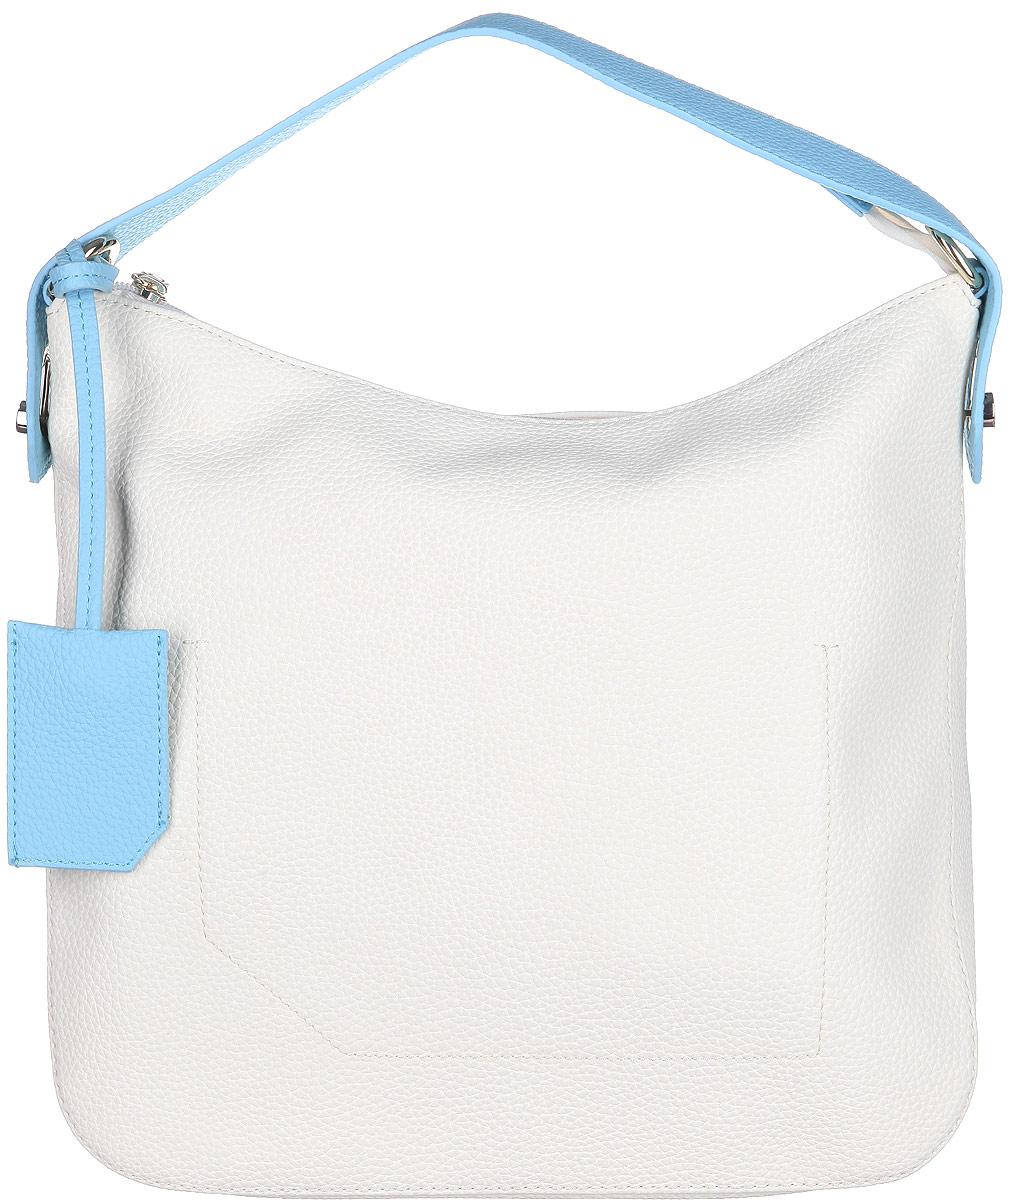 Сумка женская Calipso, цвет: молочный, голубой. 824-191286-1723-47670-00504Стильная женская сумка Calipso выполнена из искусственной кожи зернистой фактуры.Сумка состоит из одного вместительного отделения, закрывающегося на пластиковую застежку-молнию. Модель содержит карман-средник на молнии, врезной карман на молнии и два накладных кармана для телефона и мелочей. На тыльной стороне сумки расположен врезной карман на молнии. Предусмотрен съемный ремешок с небольшим чехлом для ключей.Сумка оснащена одной ручкой, закреплённой металлической фурнитурой и съемным плечевым ремнем, регулируемой длины.Прилагается фирменный текстильный чехол для хранения.Сумка - это стильный аксессуар, который сделает ваш образ изысканным и завершенным. Классические формы и оригинальное оформление сумки Calipso подчеркнет ваше отменное чувство стиля.